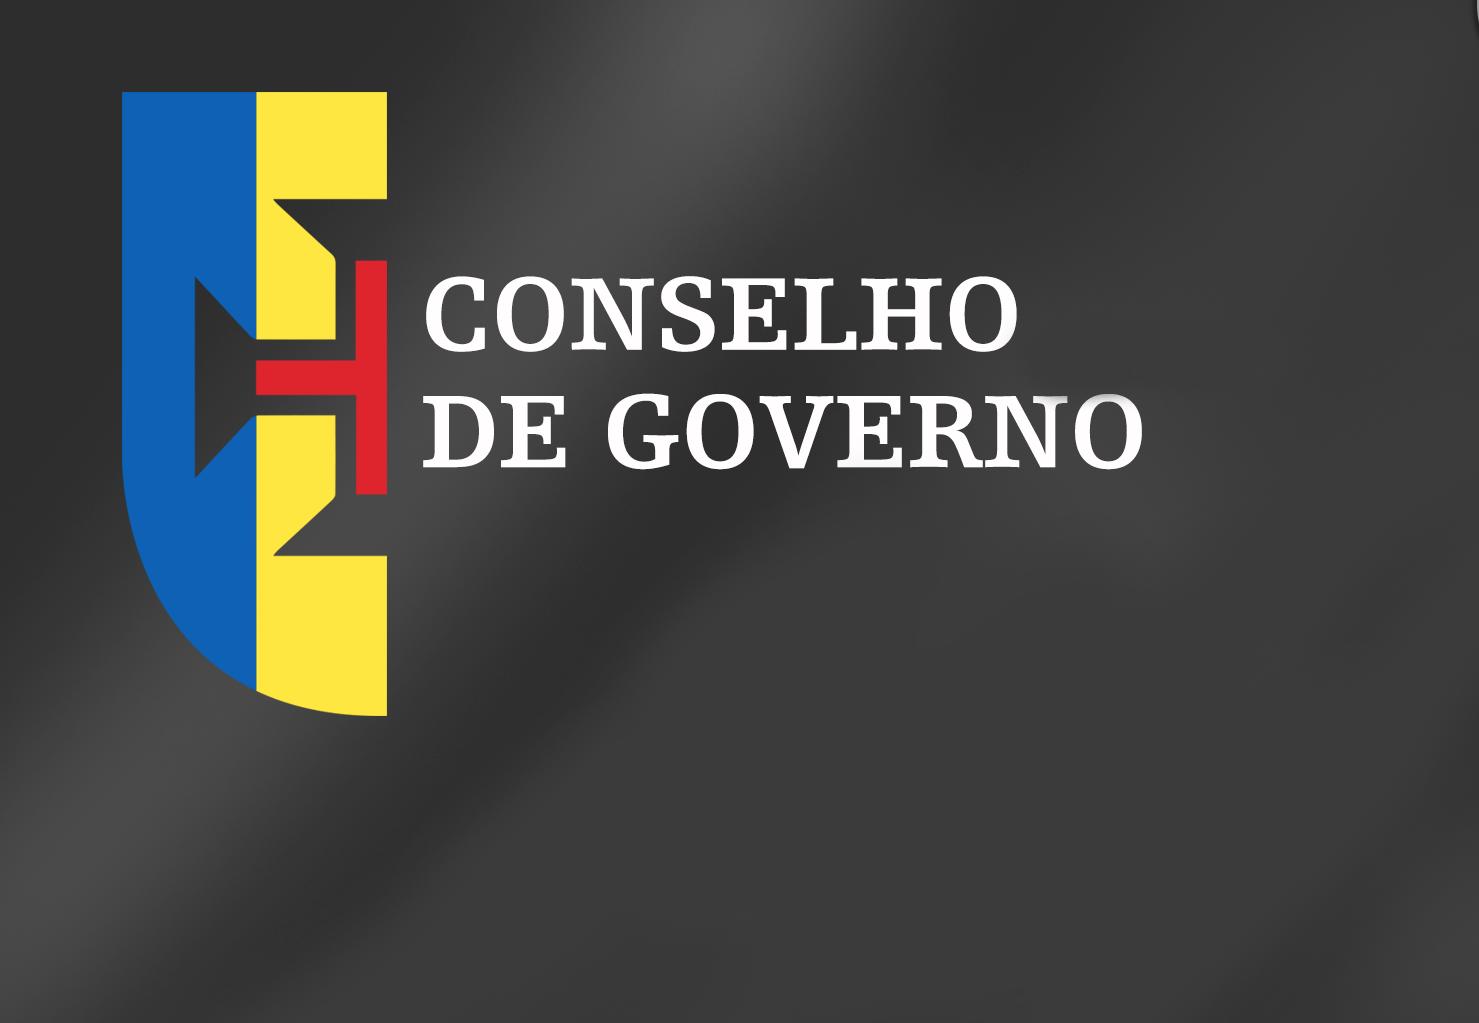 Conclusões Conselho de Governo - 22 de agosto de 2019